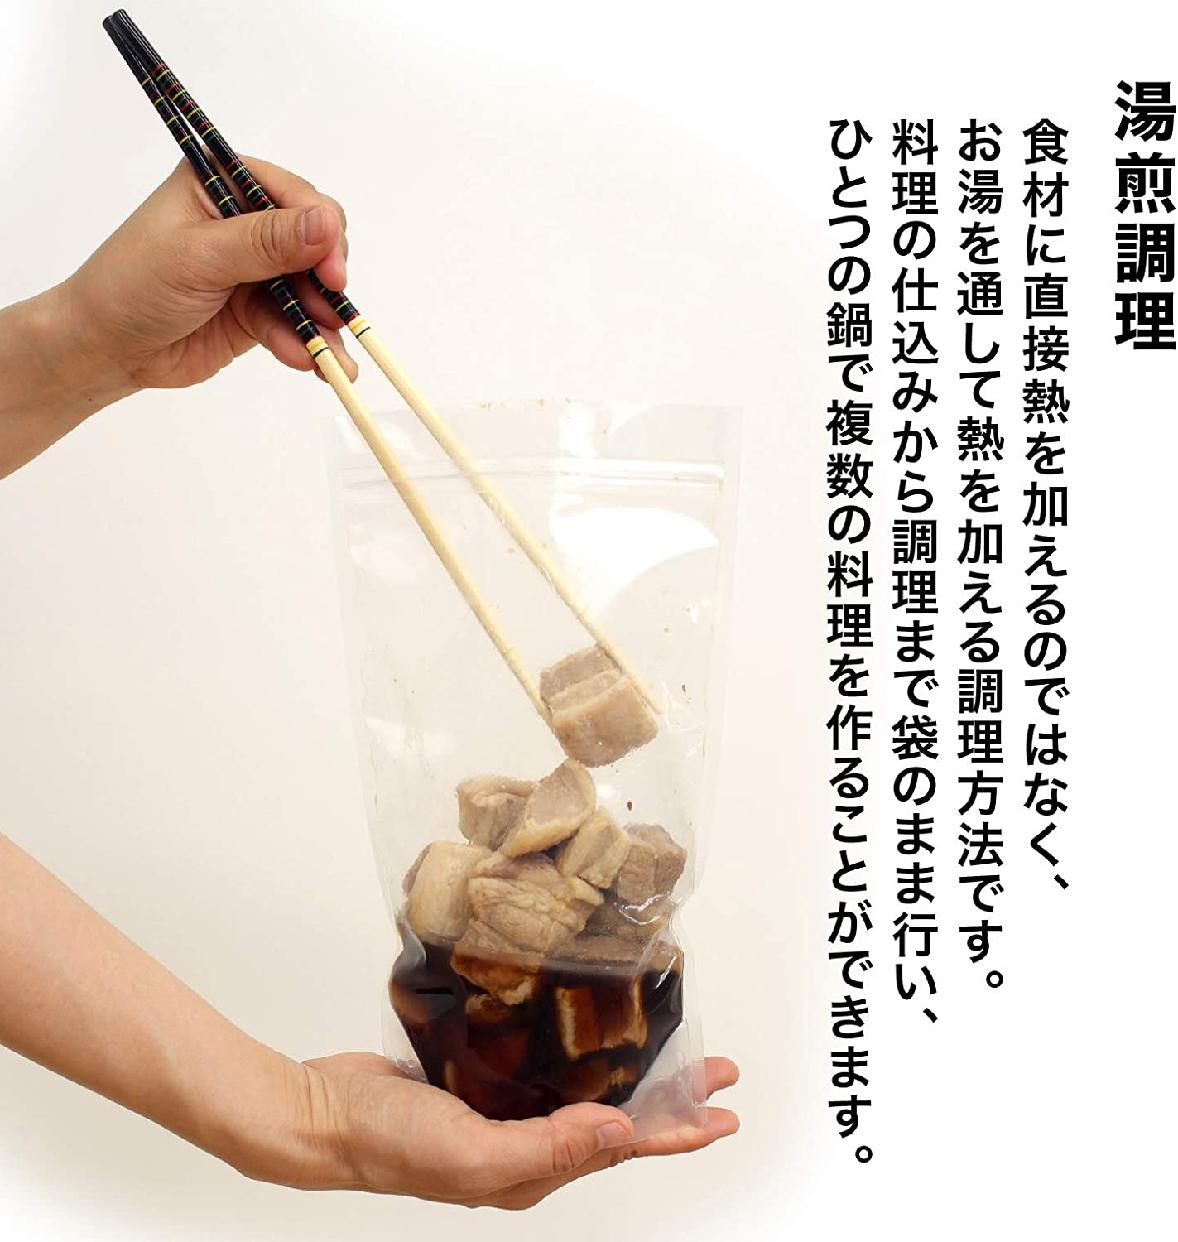 ビストロ先生 湯煎で調理する袋 M K69800の商品画像4